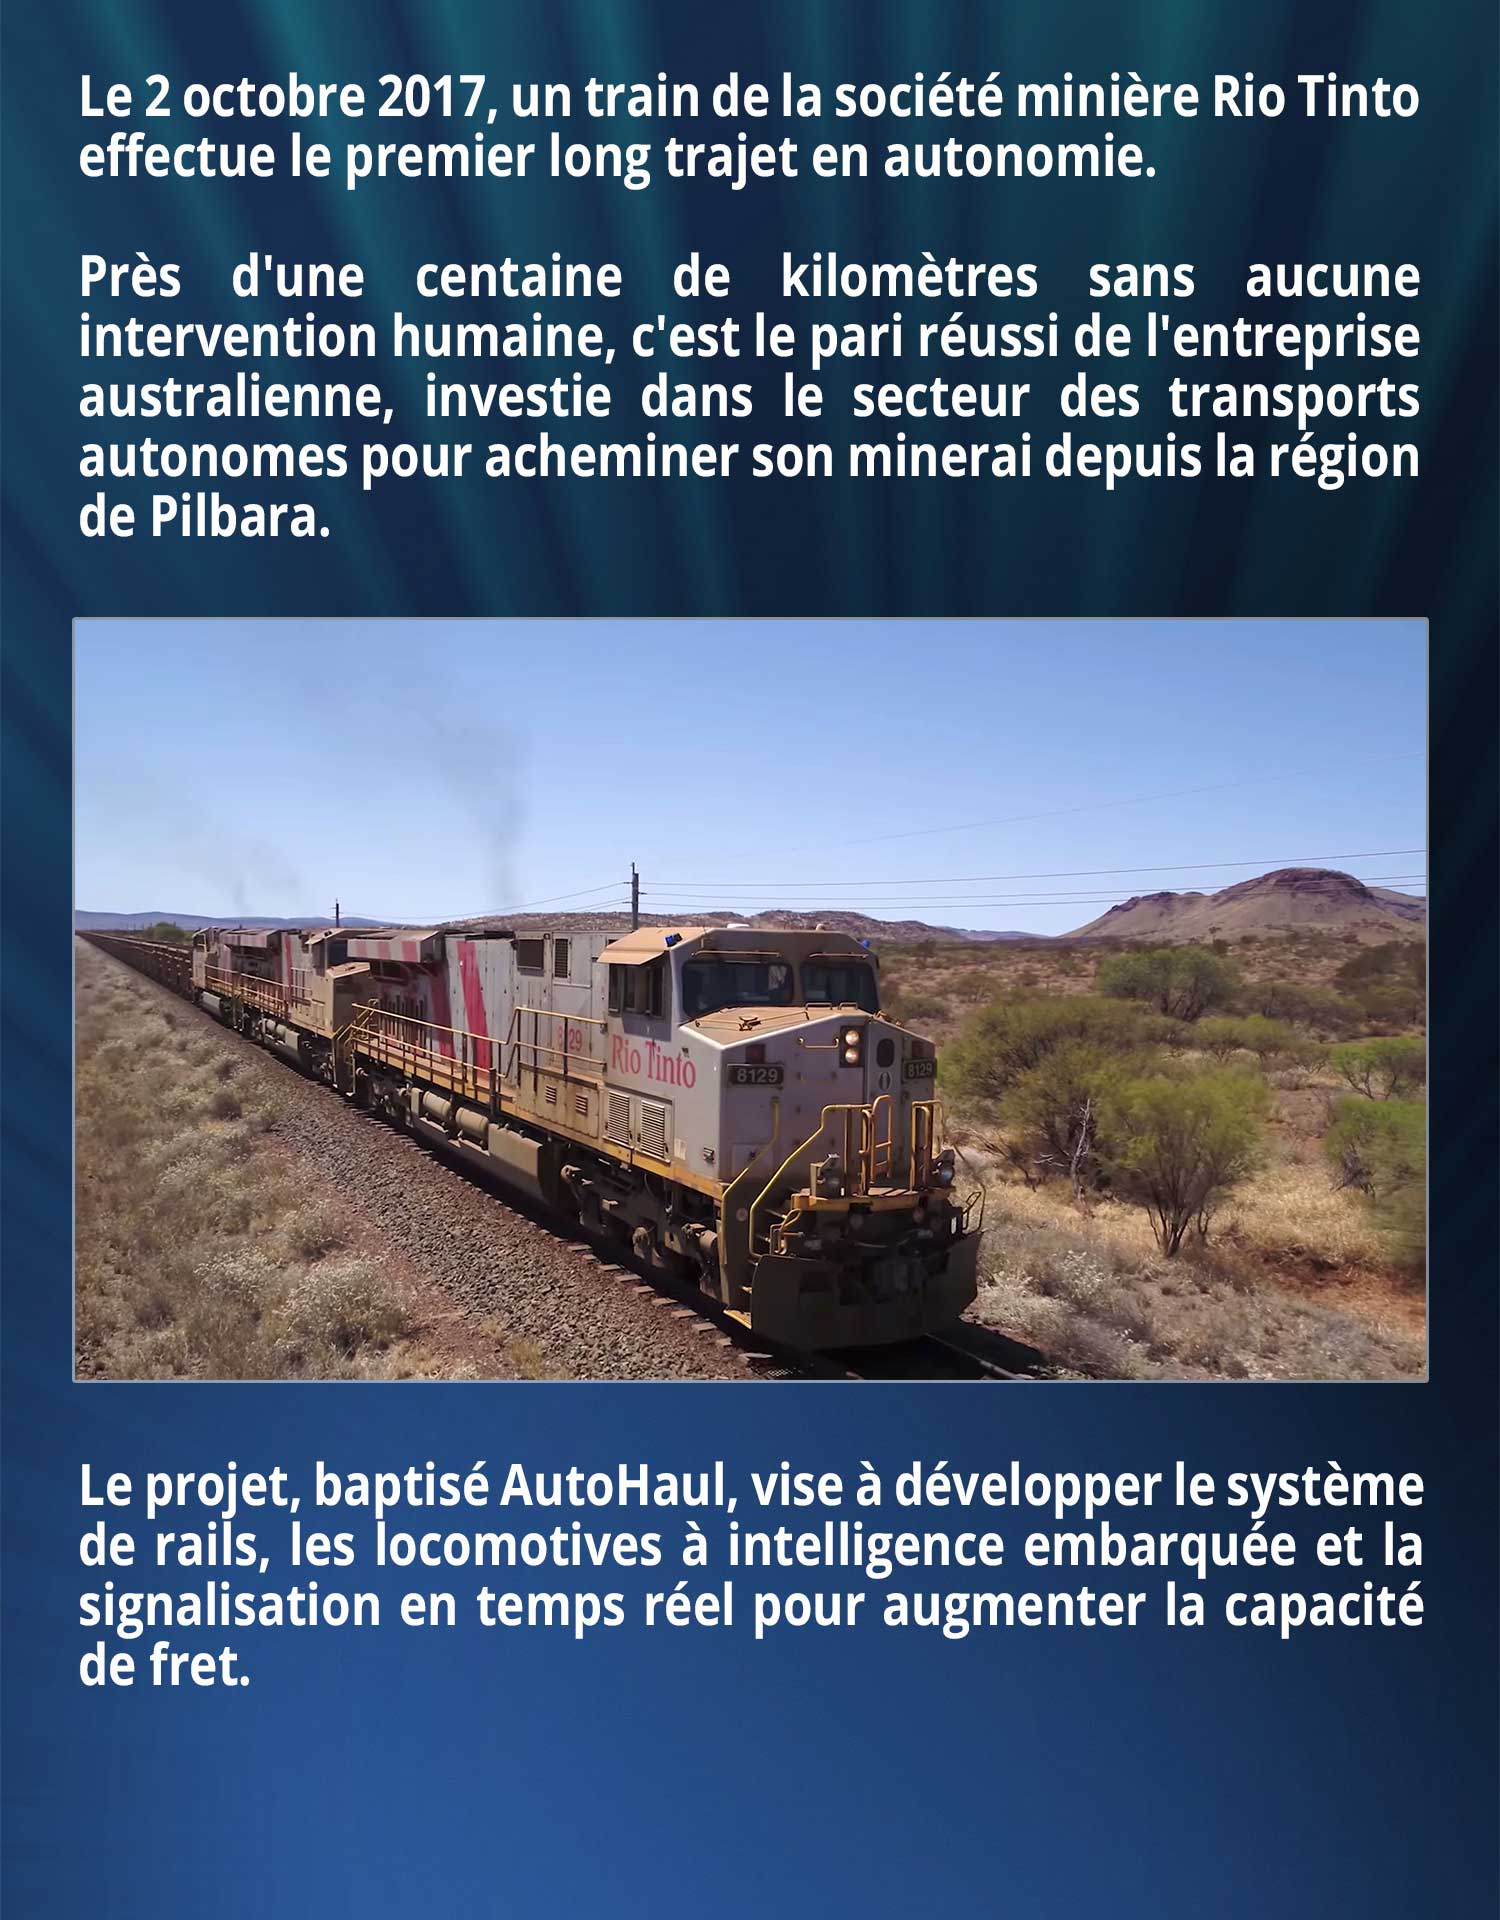 Le 2 octobre 2017, un train de la société minière Rio Tinto effectue le premier long trajet en autonomie. Près d'une centaine de kilomètres sans aucune intervention humaine, c'est le pari réussi de l'entreprise australienne, investie dans le secteur des transports autonomes pour acheminer son minerai depuis la région de Pilbara. Le projet, baptisé AutoHaul, vise à développer le système de rails, les locomotives à intelligence embarquée et la signalisation en temps réel pour augmenter la capacité de fret.